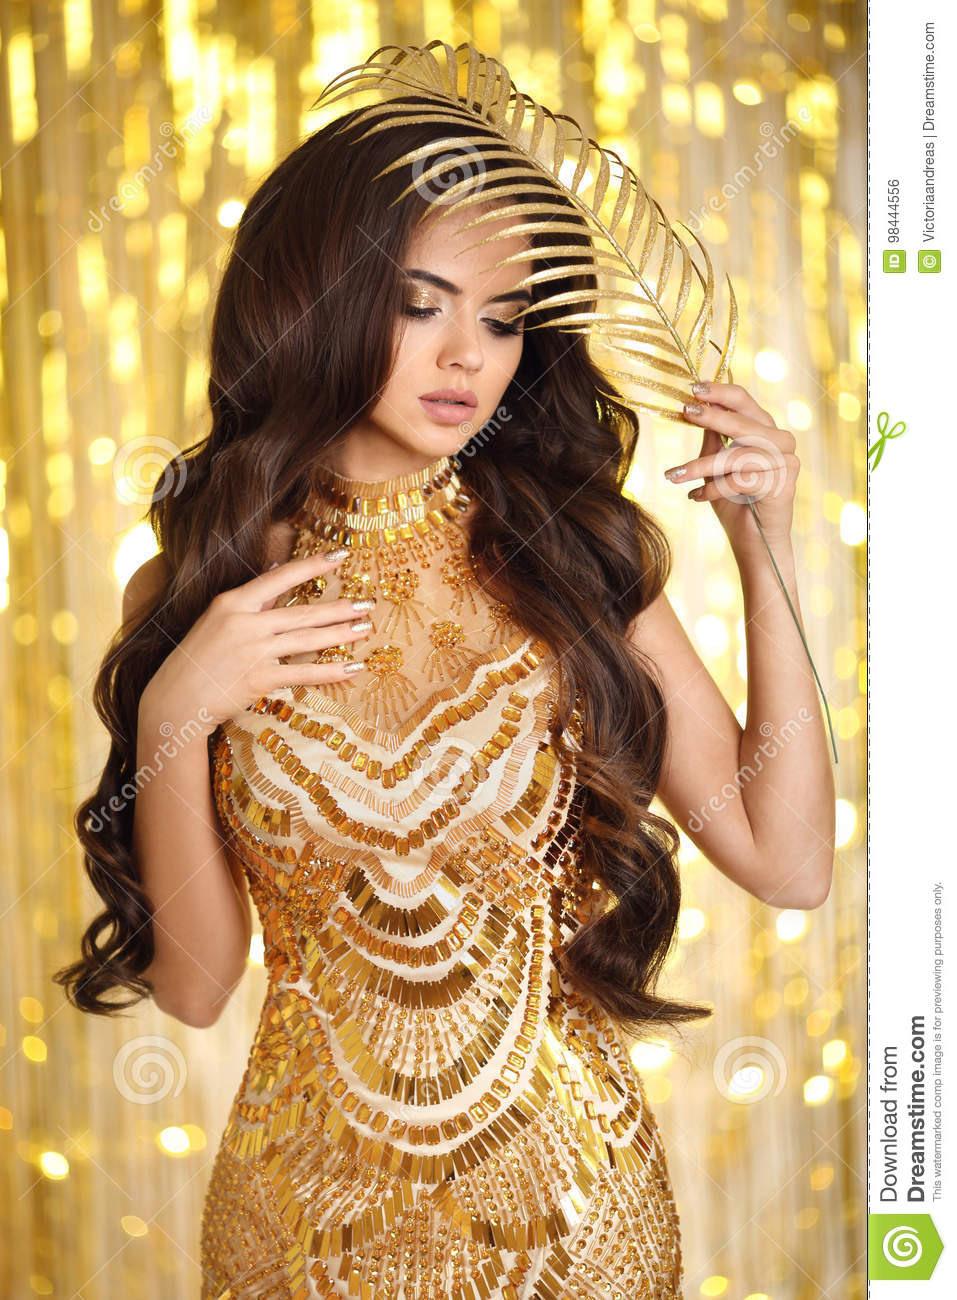 Abend Fantastisch Frisur Abendkleid Vertrieb13 Cool Frisur Abendkleid Ärmel